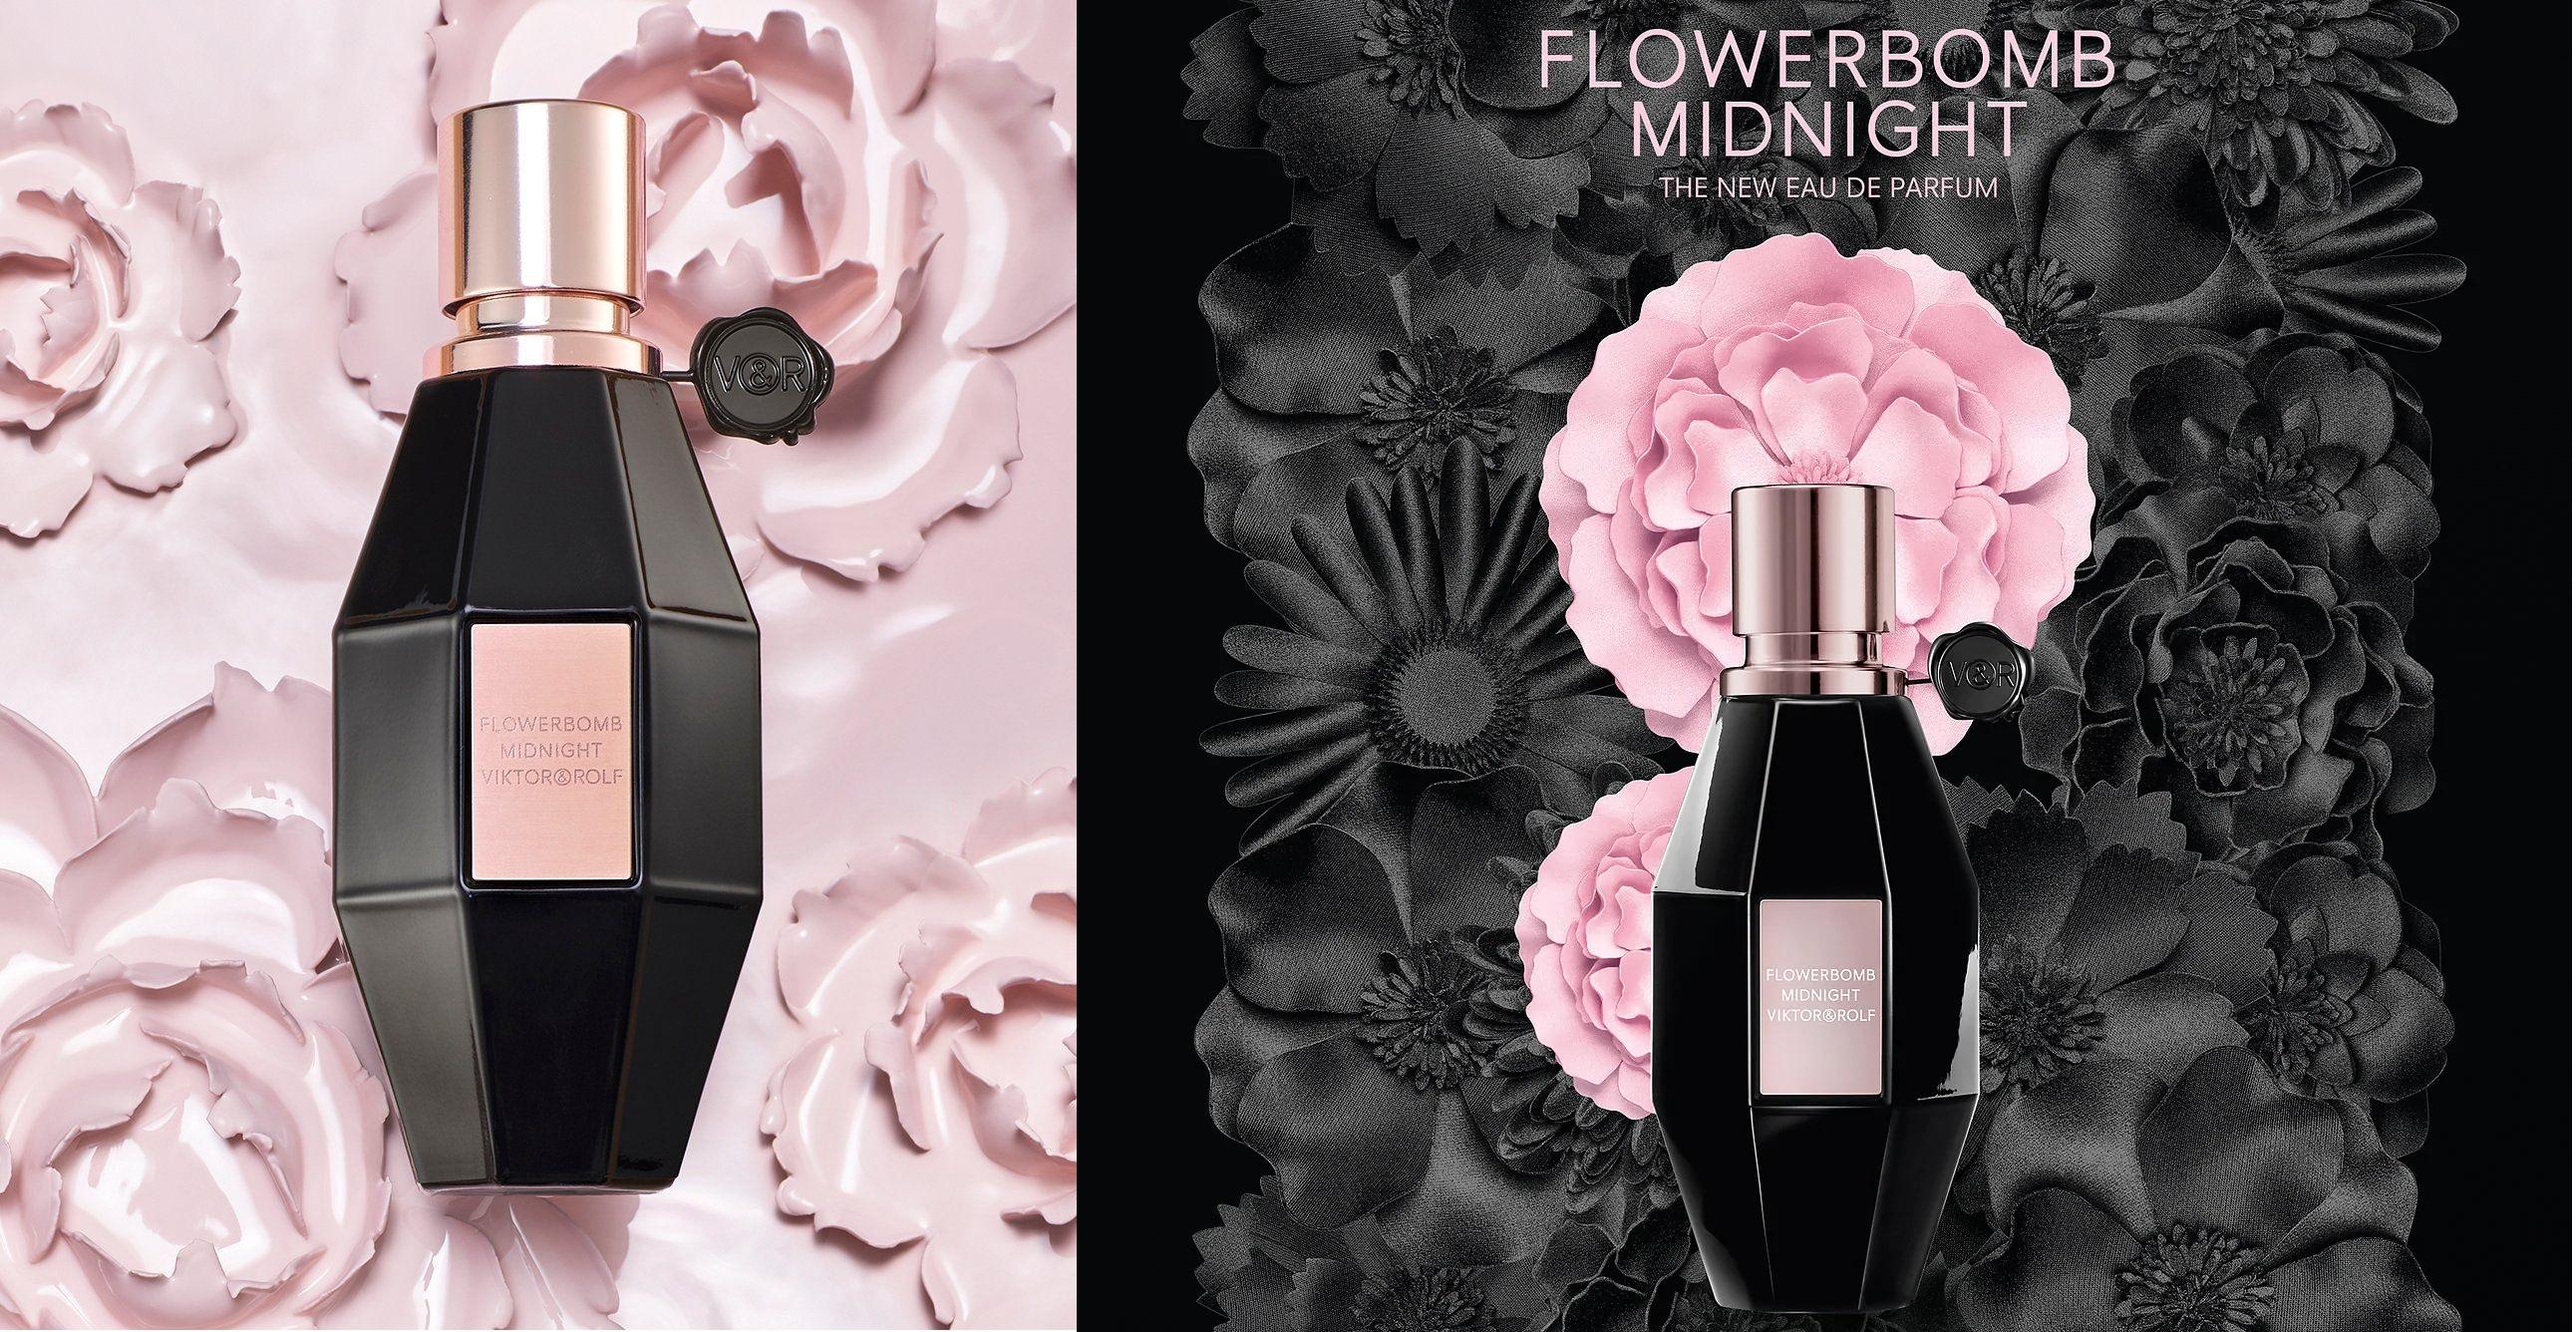 Flowerbomb Midnight